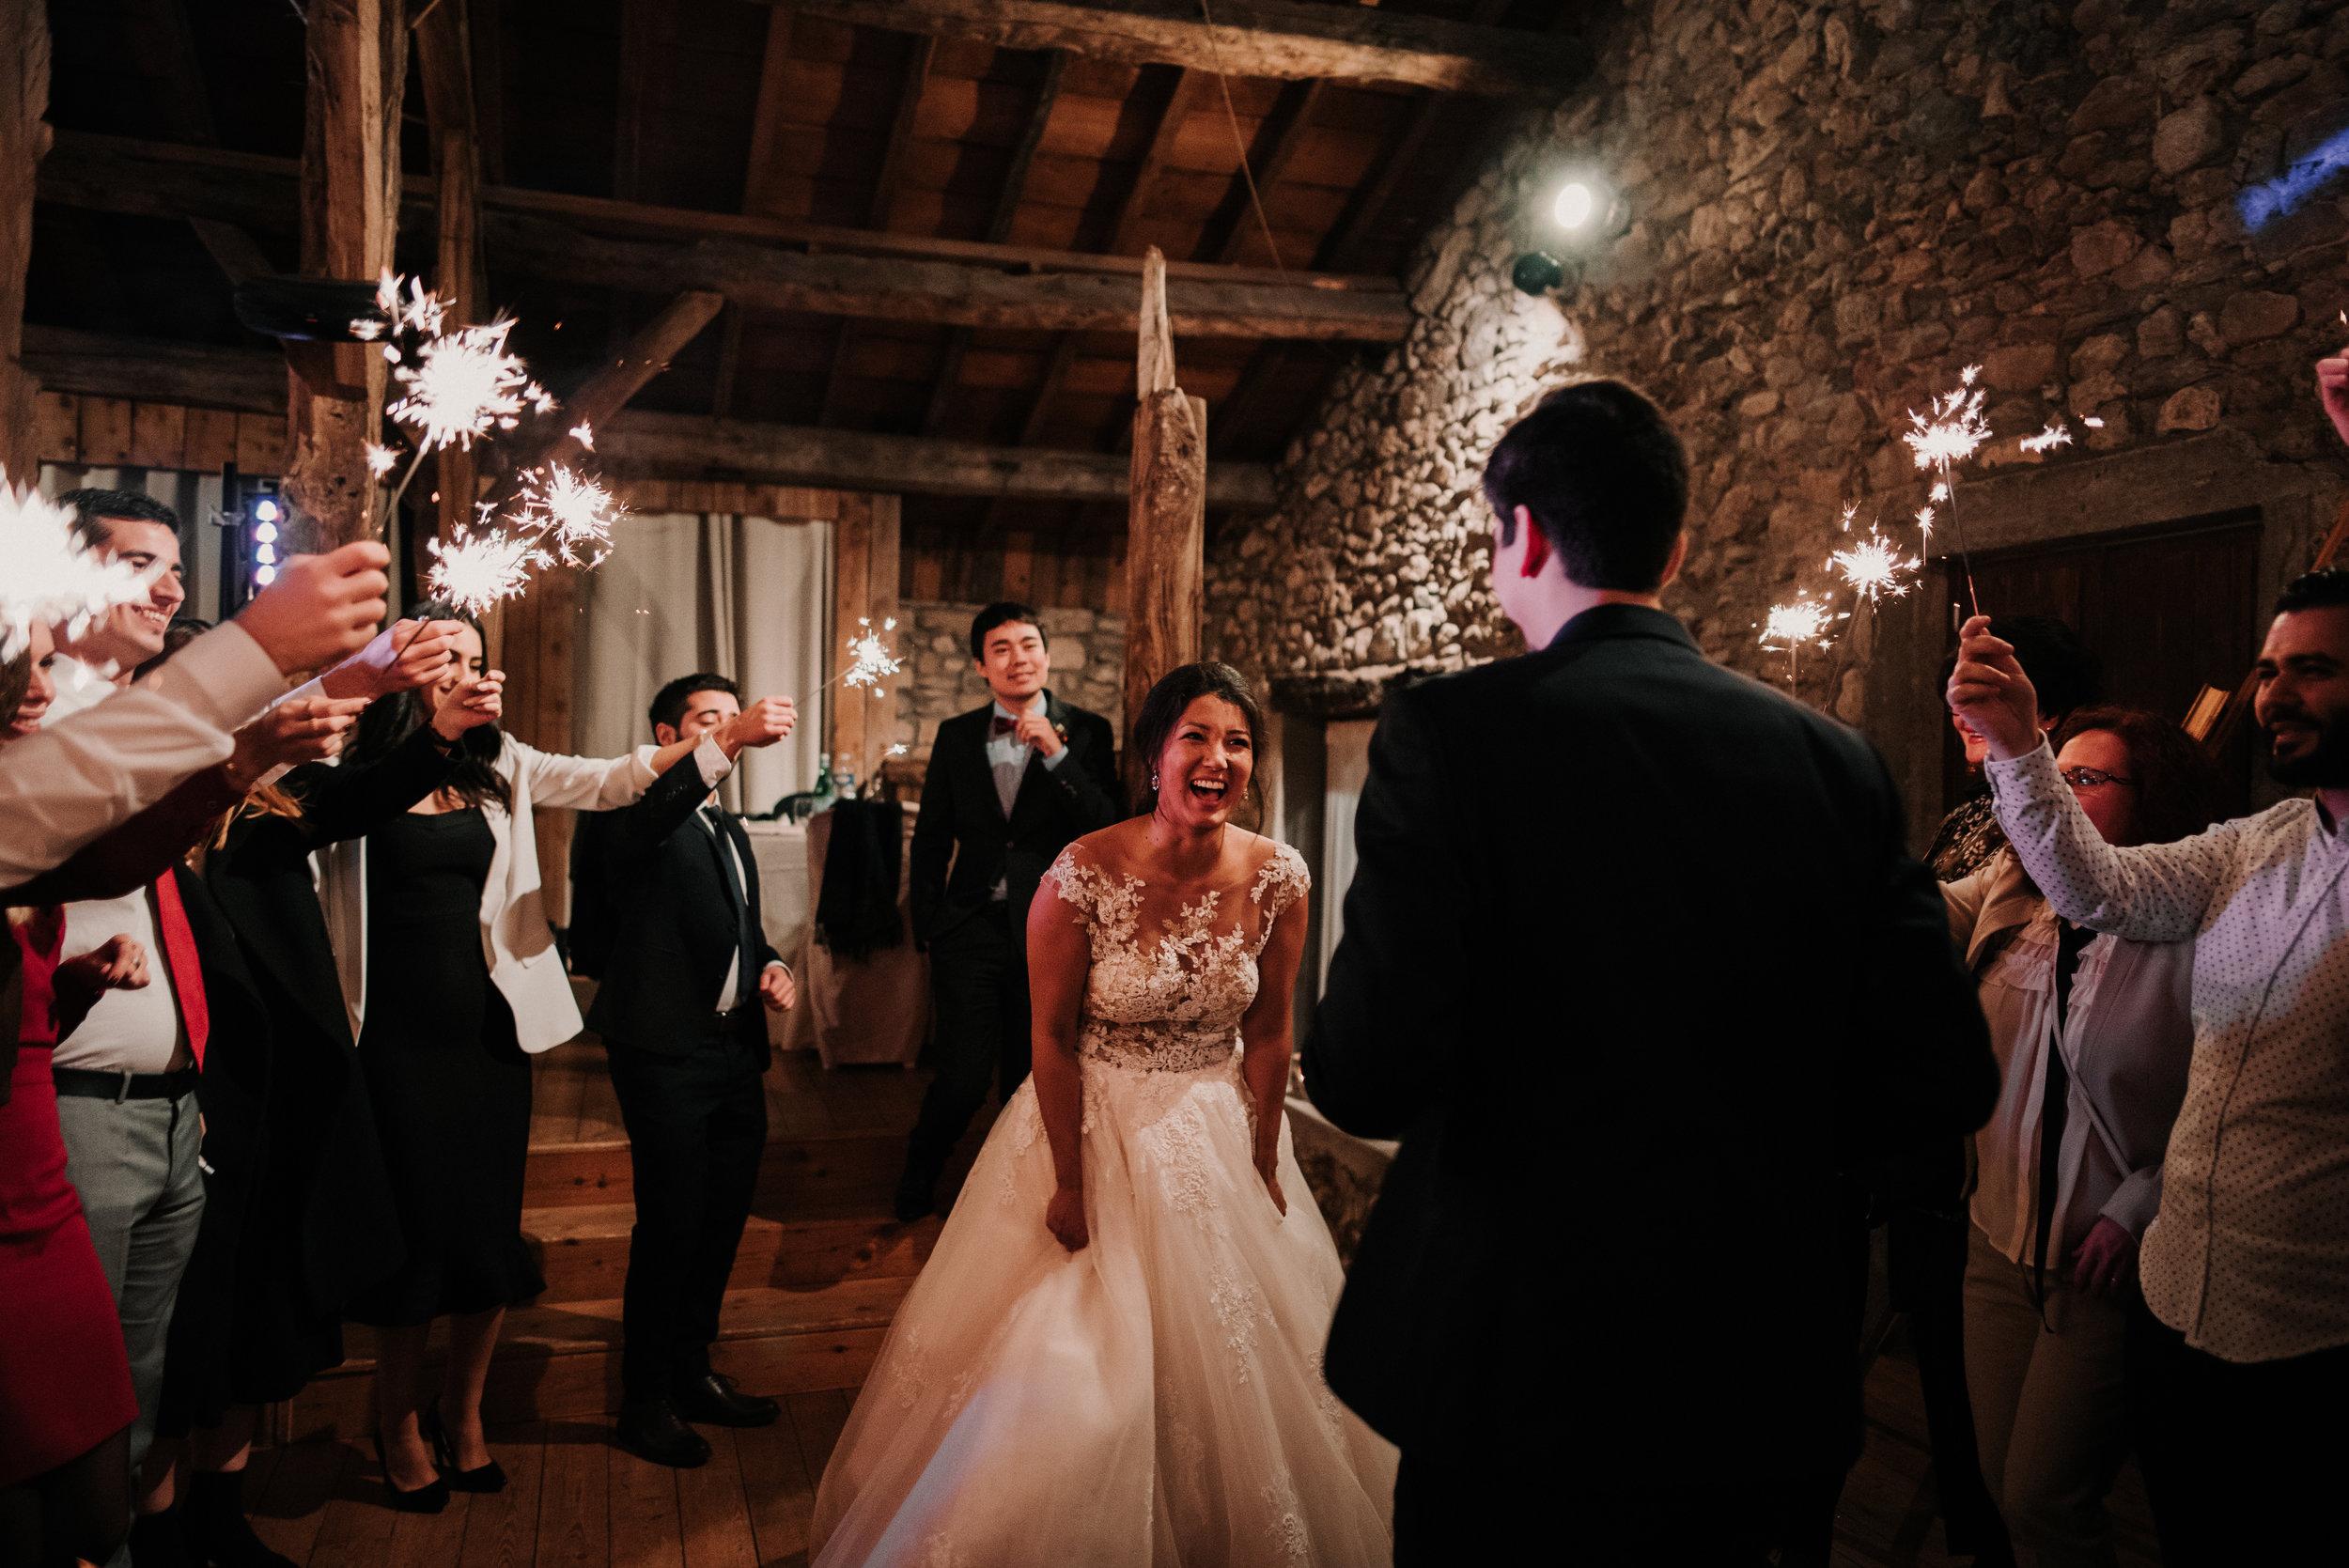 Léa-Fery-photographe-professionnel-lyon-rhone-alpes-portrait-creation-mariage-evenement-evenementiel-famille-2-185.jpg